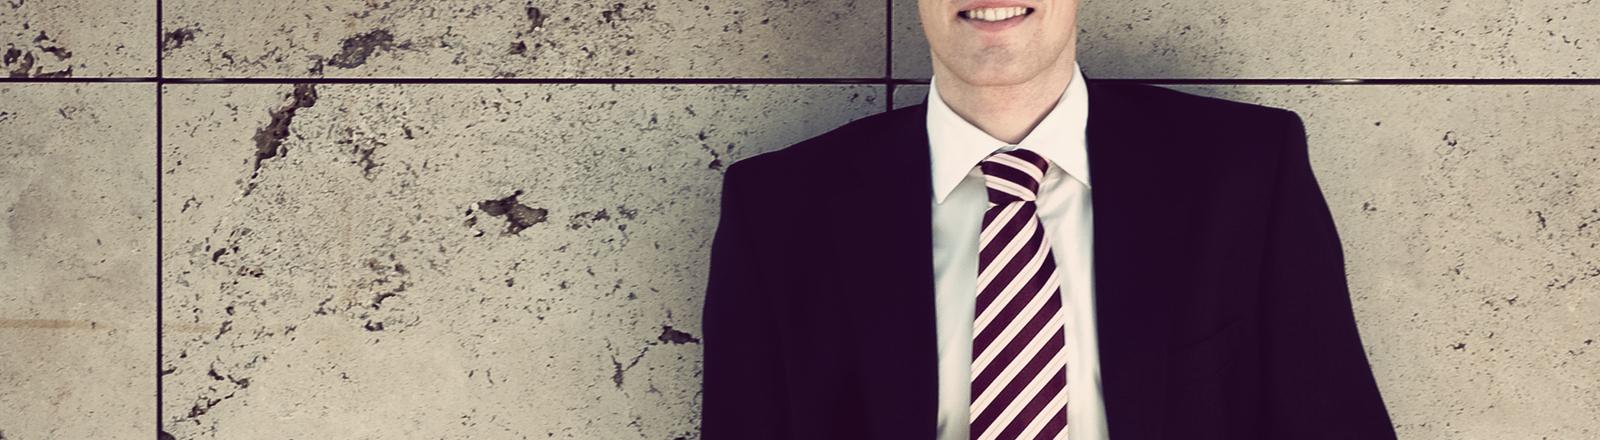 Irgendein Typ im schicken Anzug ist an eine Wand gelehnt.